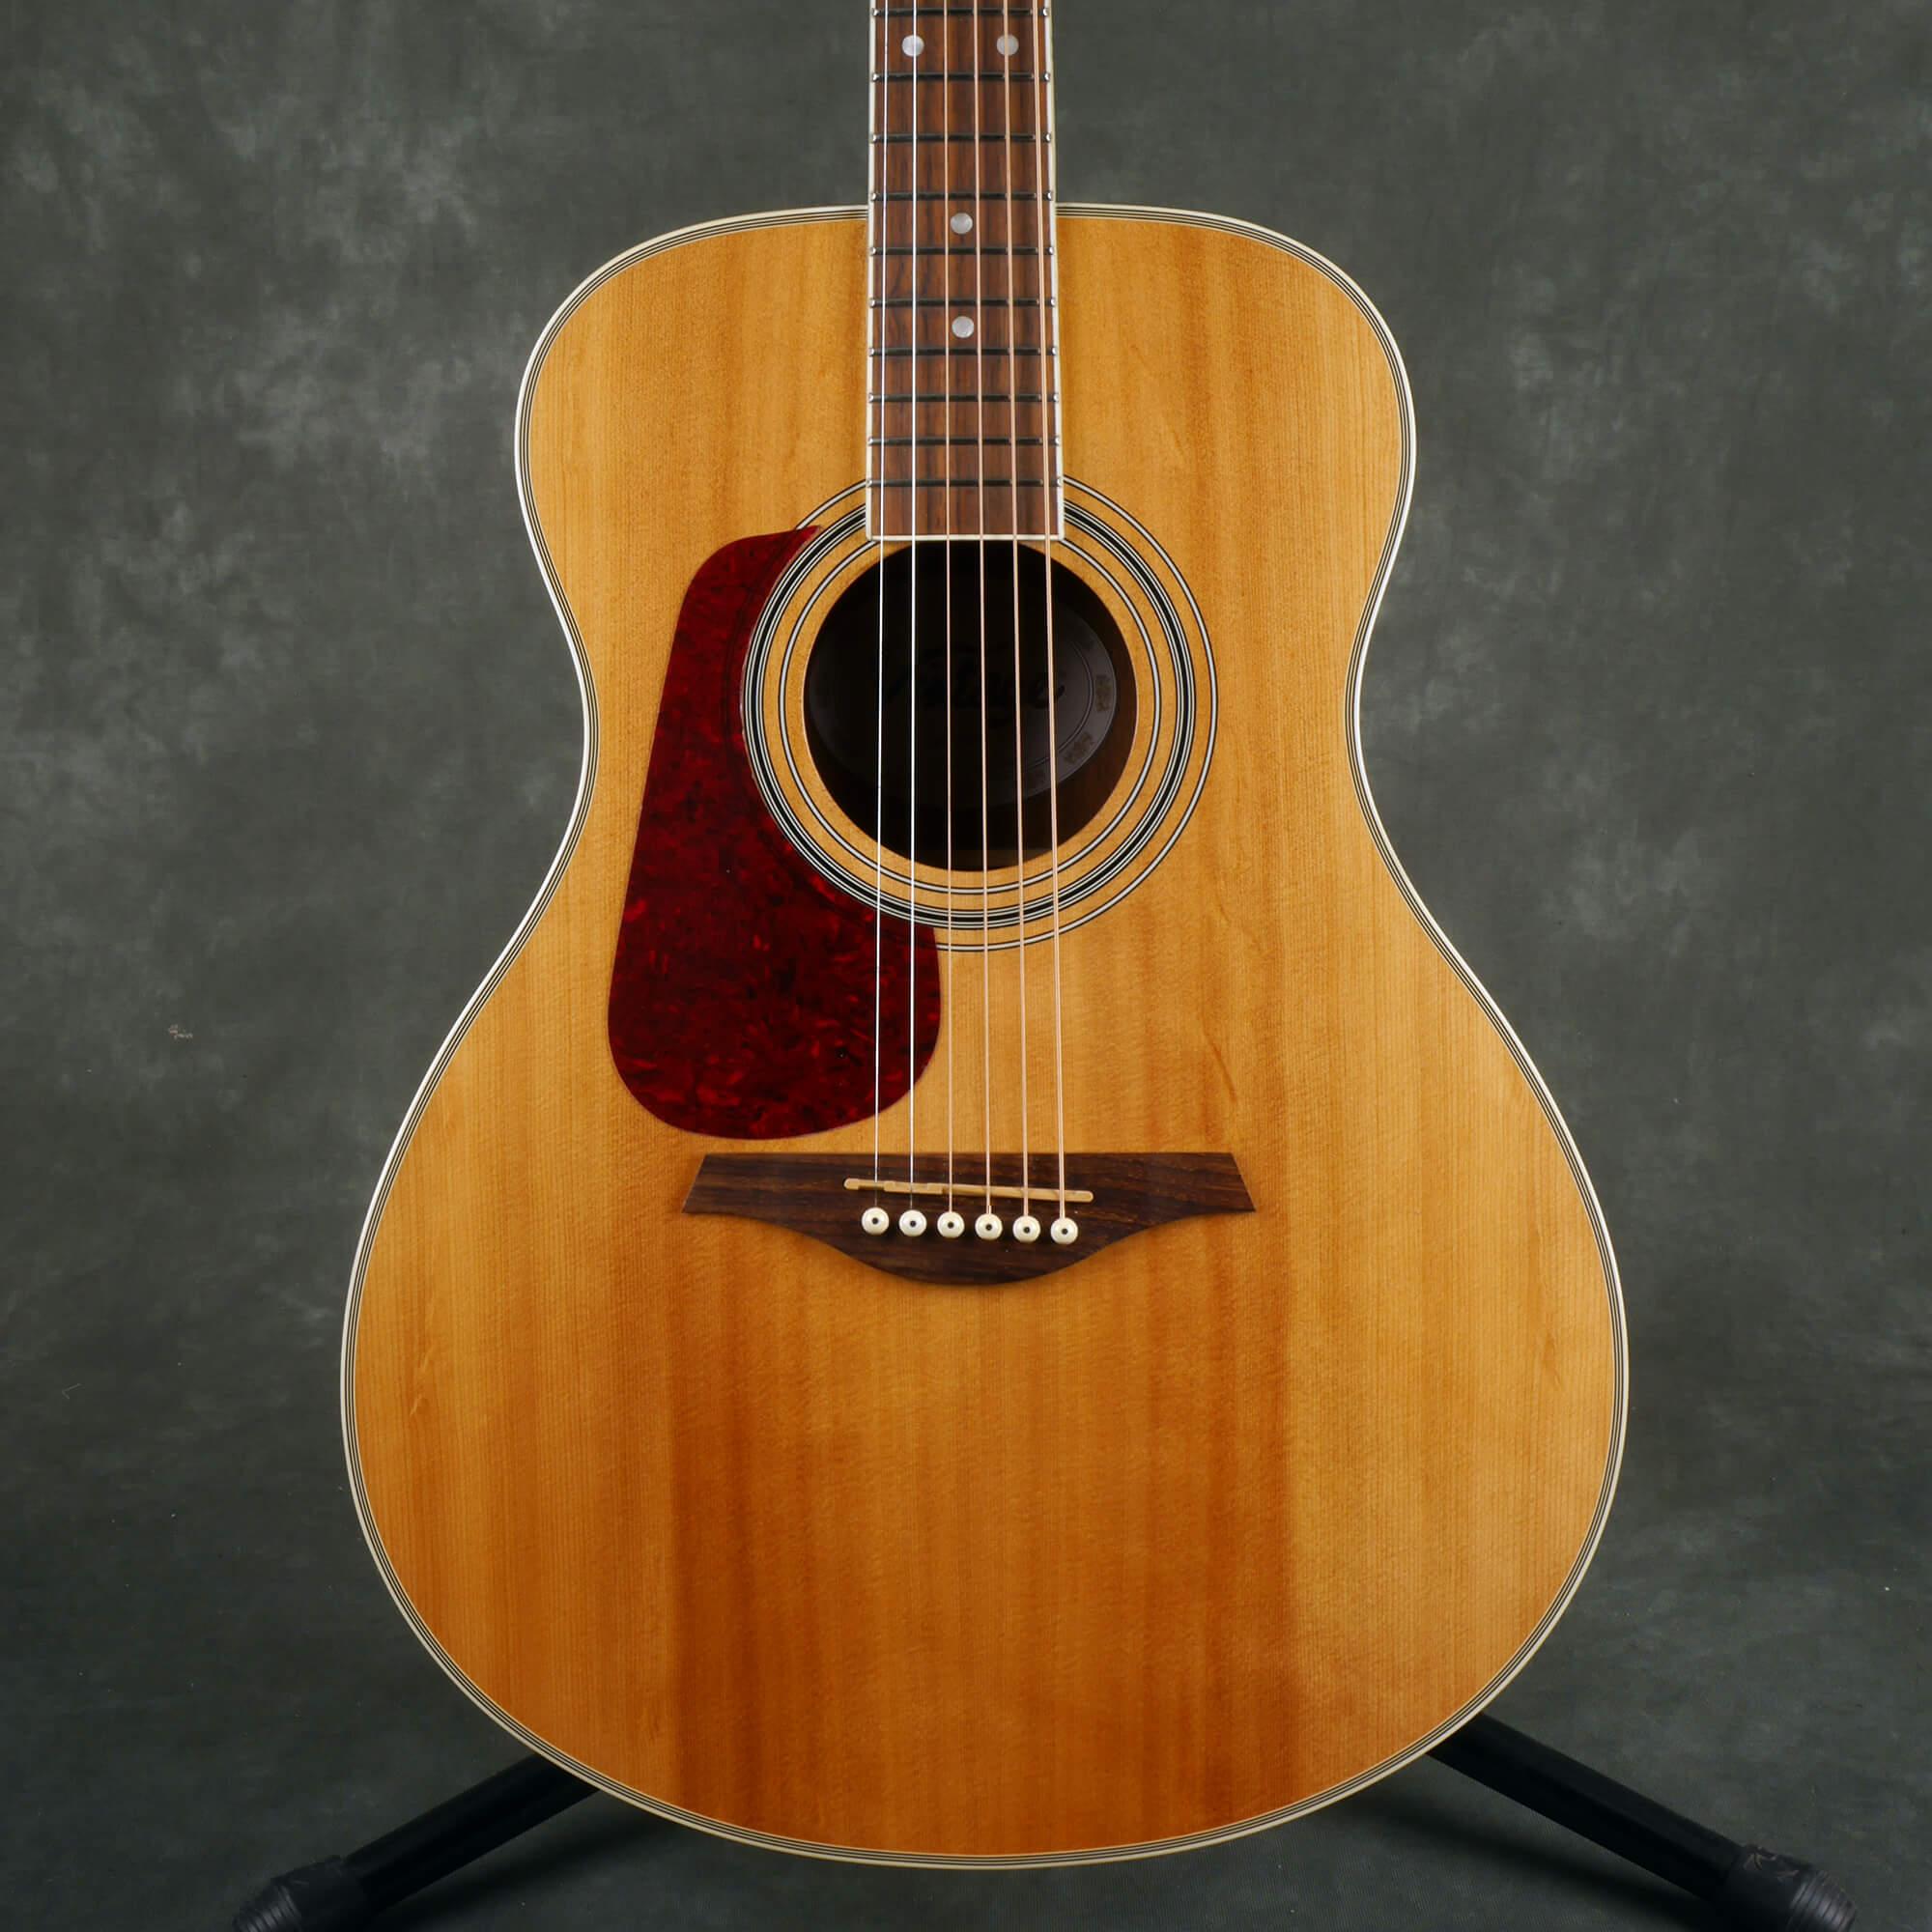 Vintage LH-V300 Left Hand Acoustic Guitar - Natural - 2nd Hand